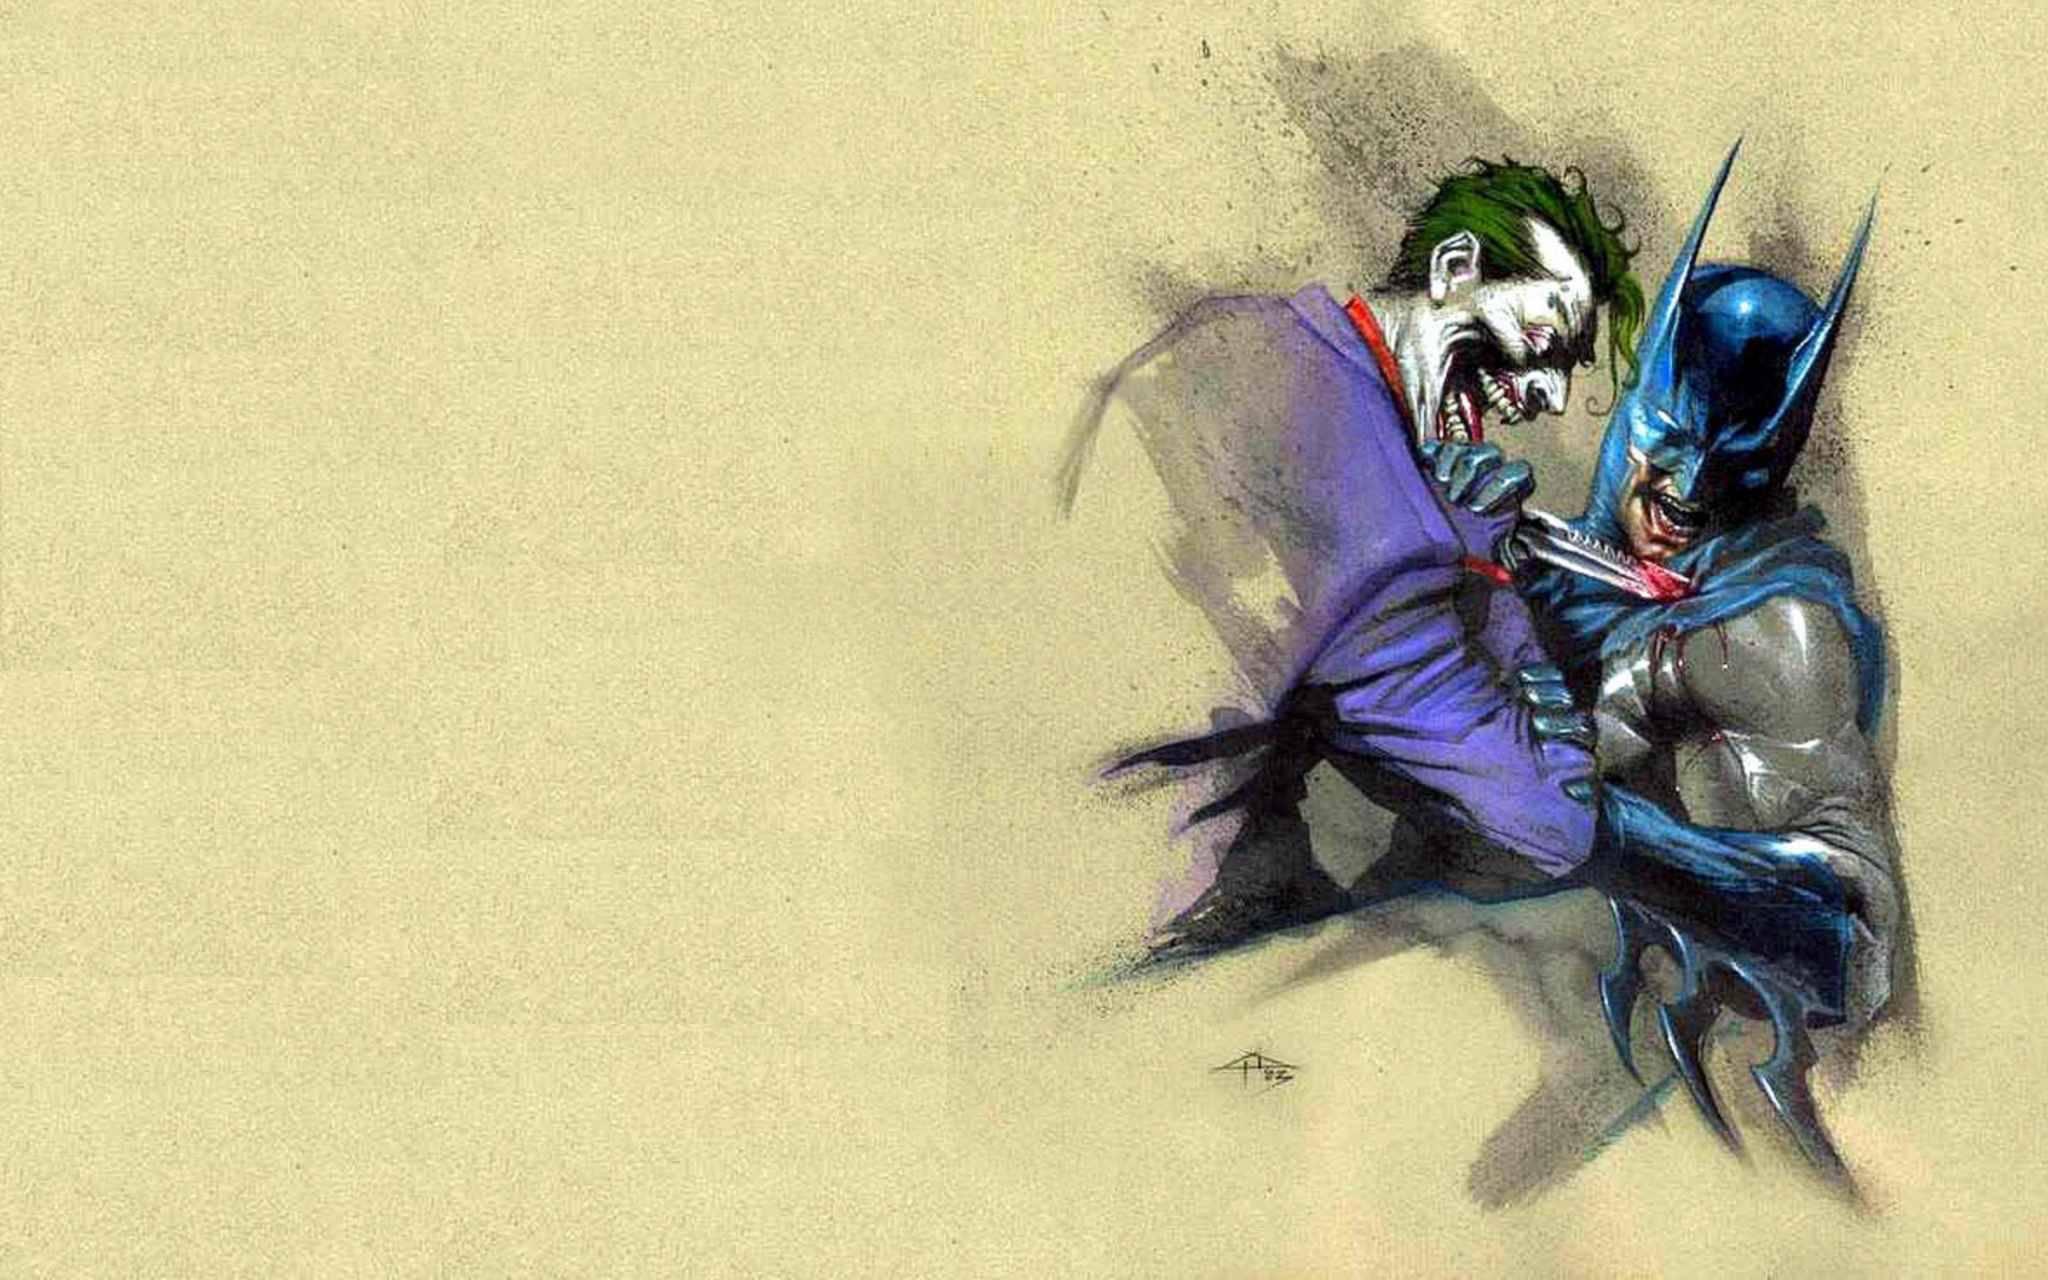 BatmanJoker Wallpaper   Batman Wallpaper 2048x1280